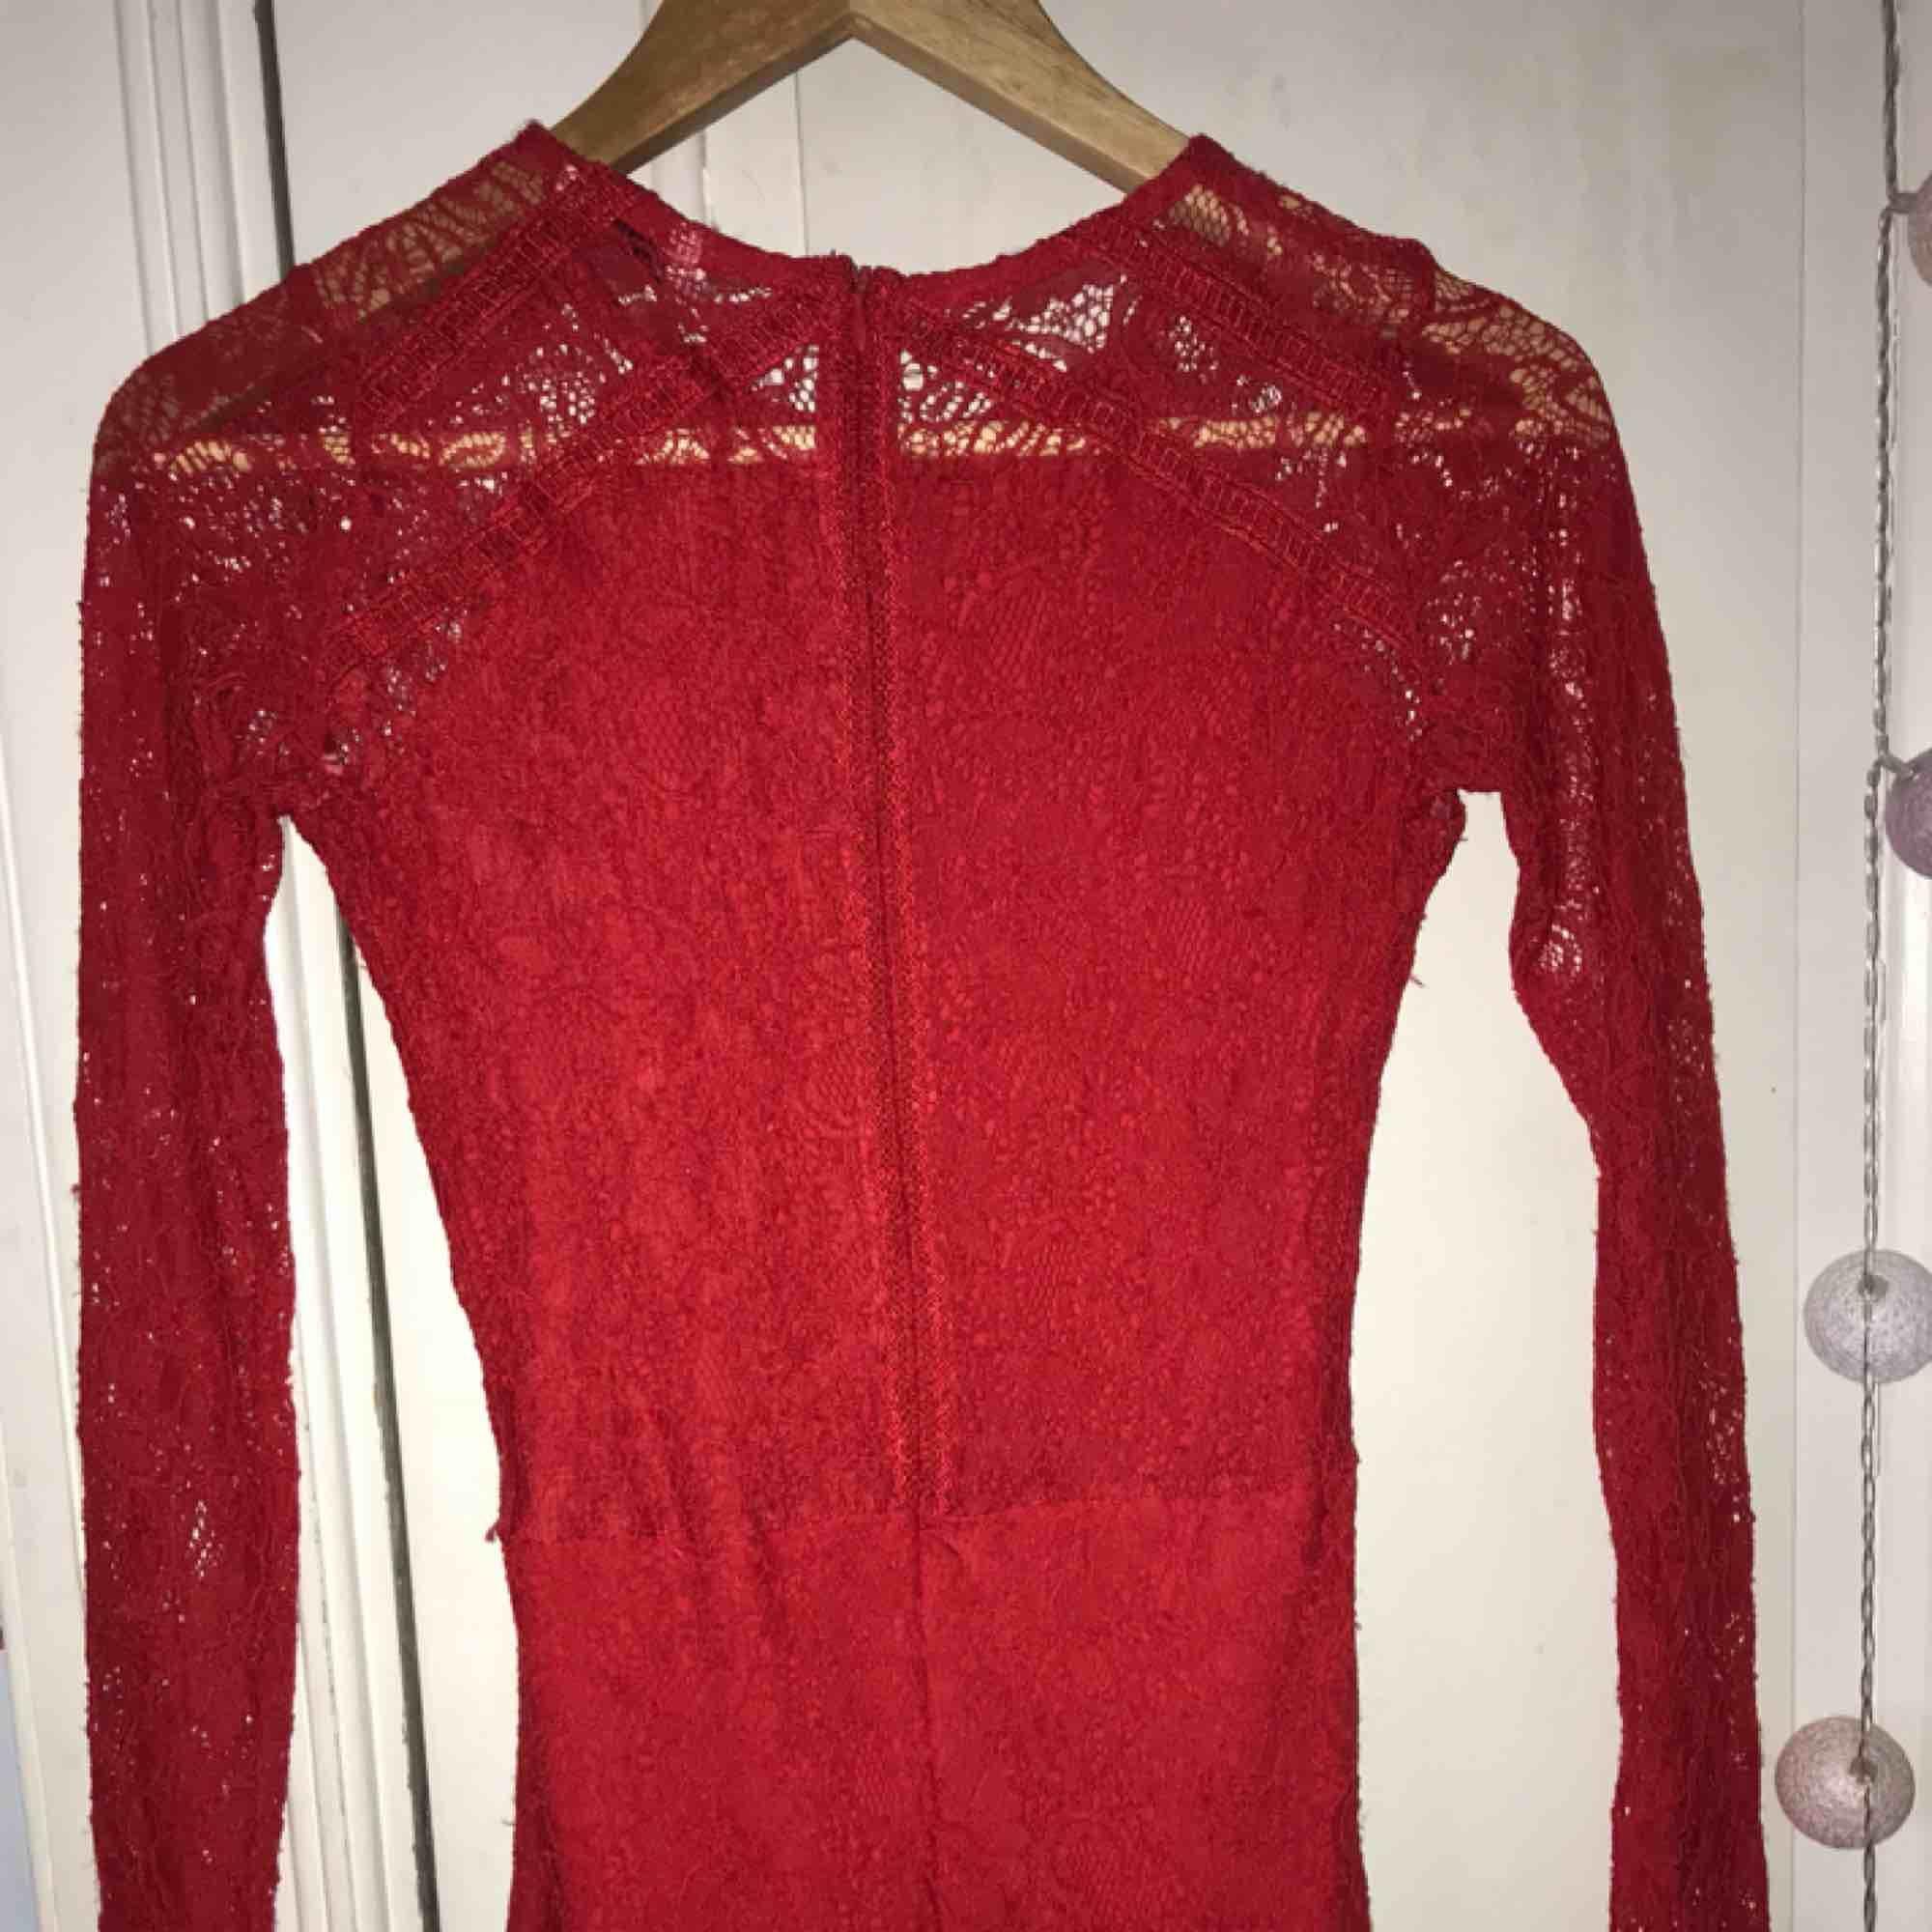 e583433cd585 Klänningar Fin röd klänning, ganska tajt och kort, spets. Använd några  gånger. Klänningar